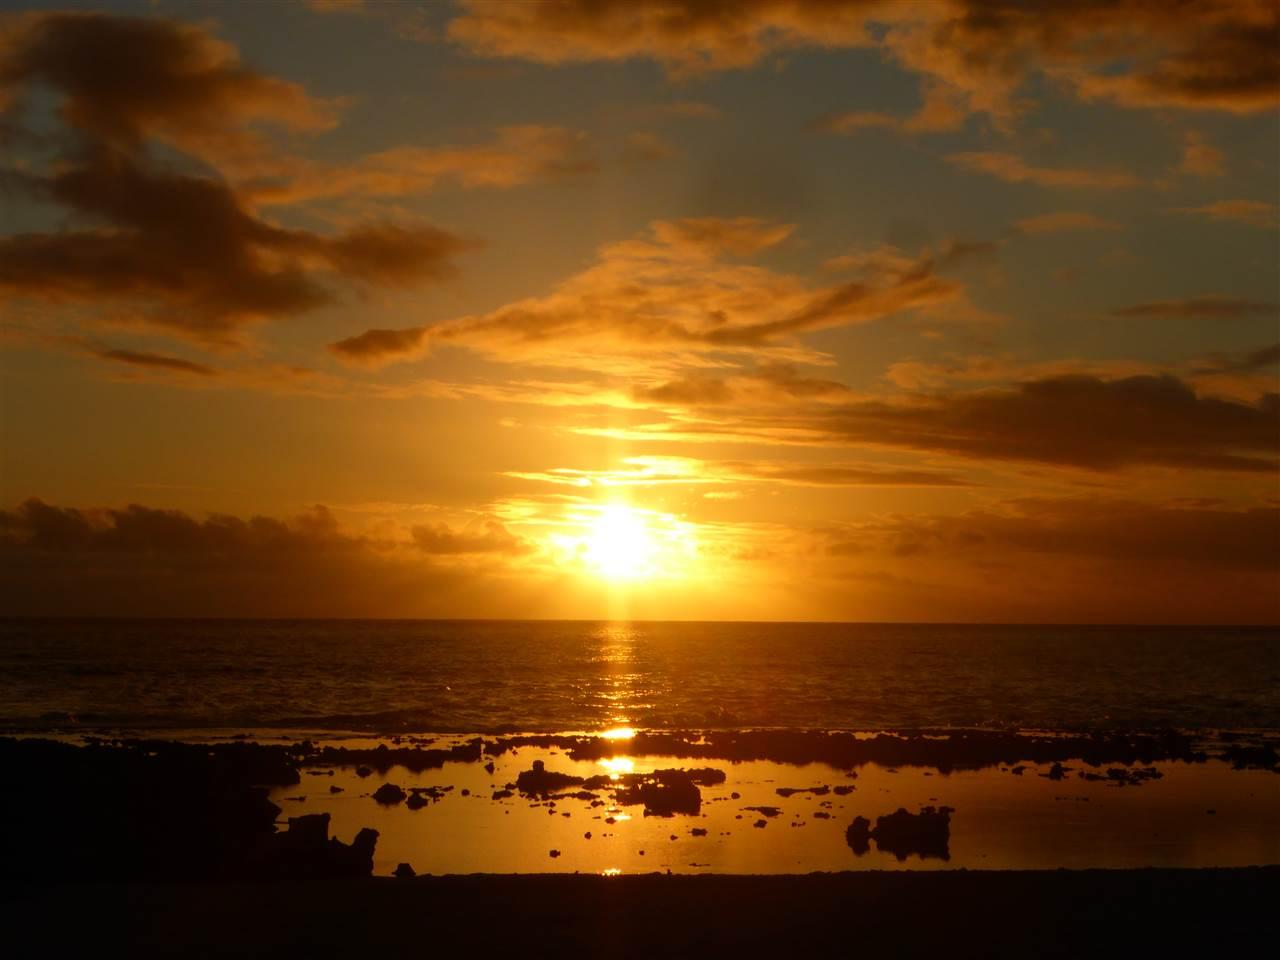 Sonnenuntergang zu Heilig Abend